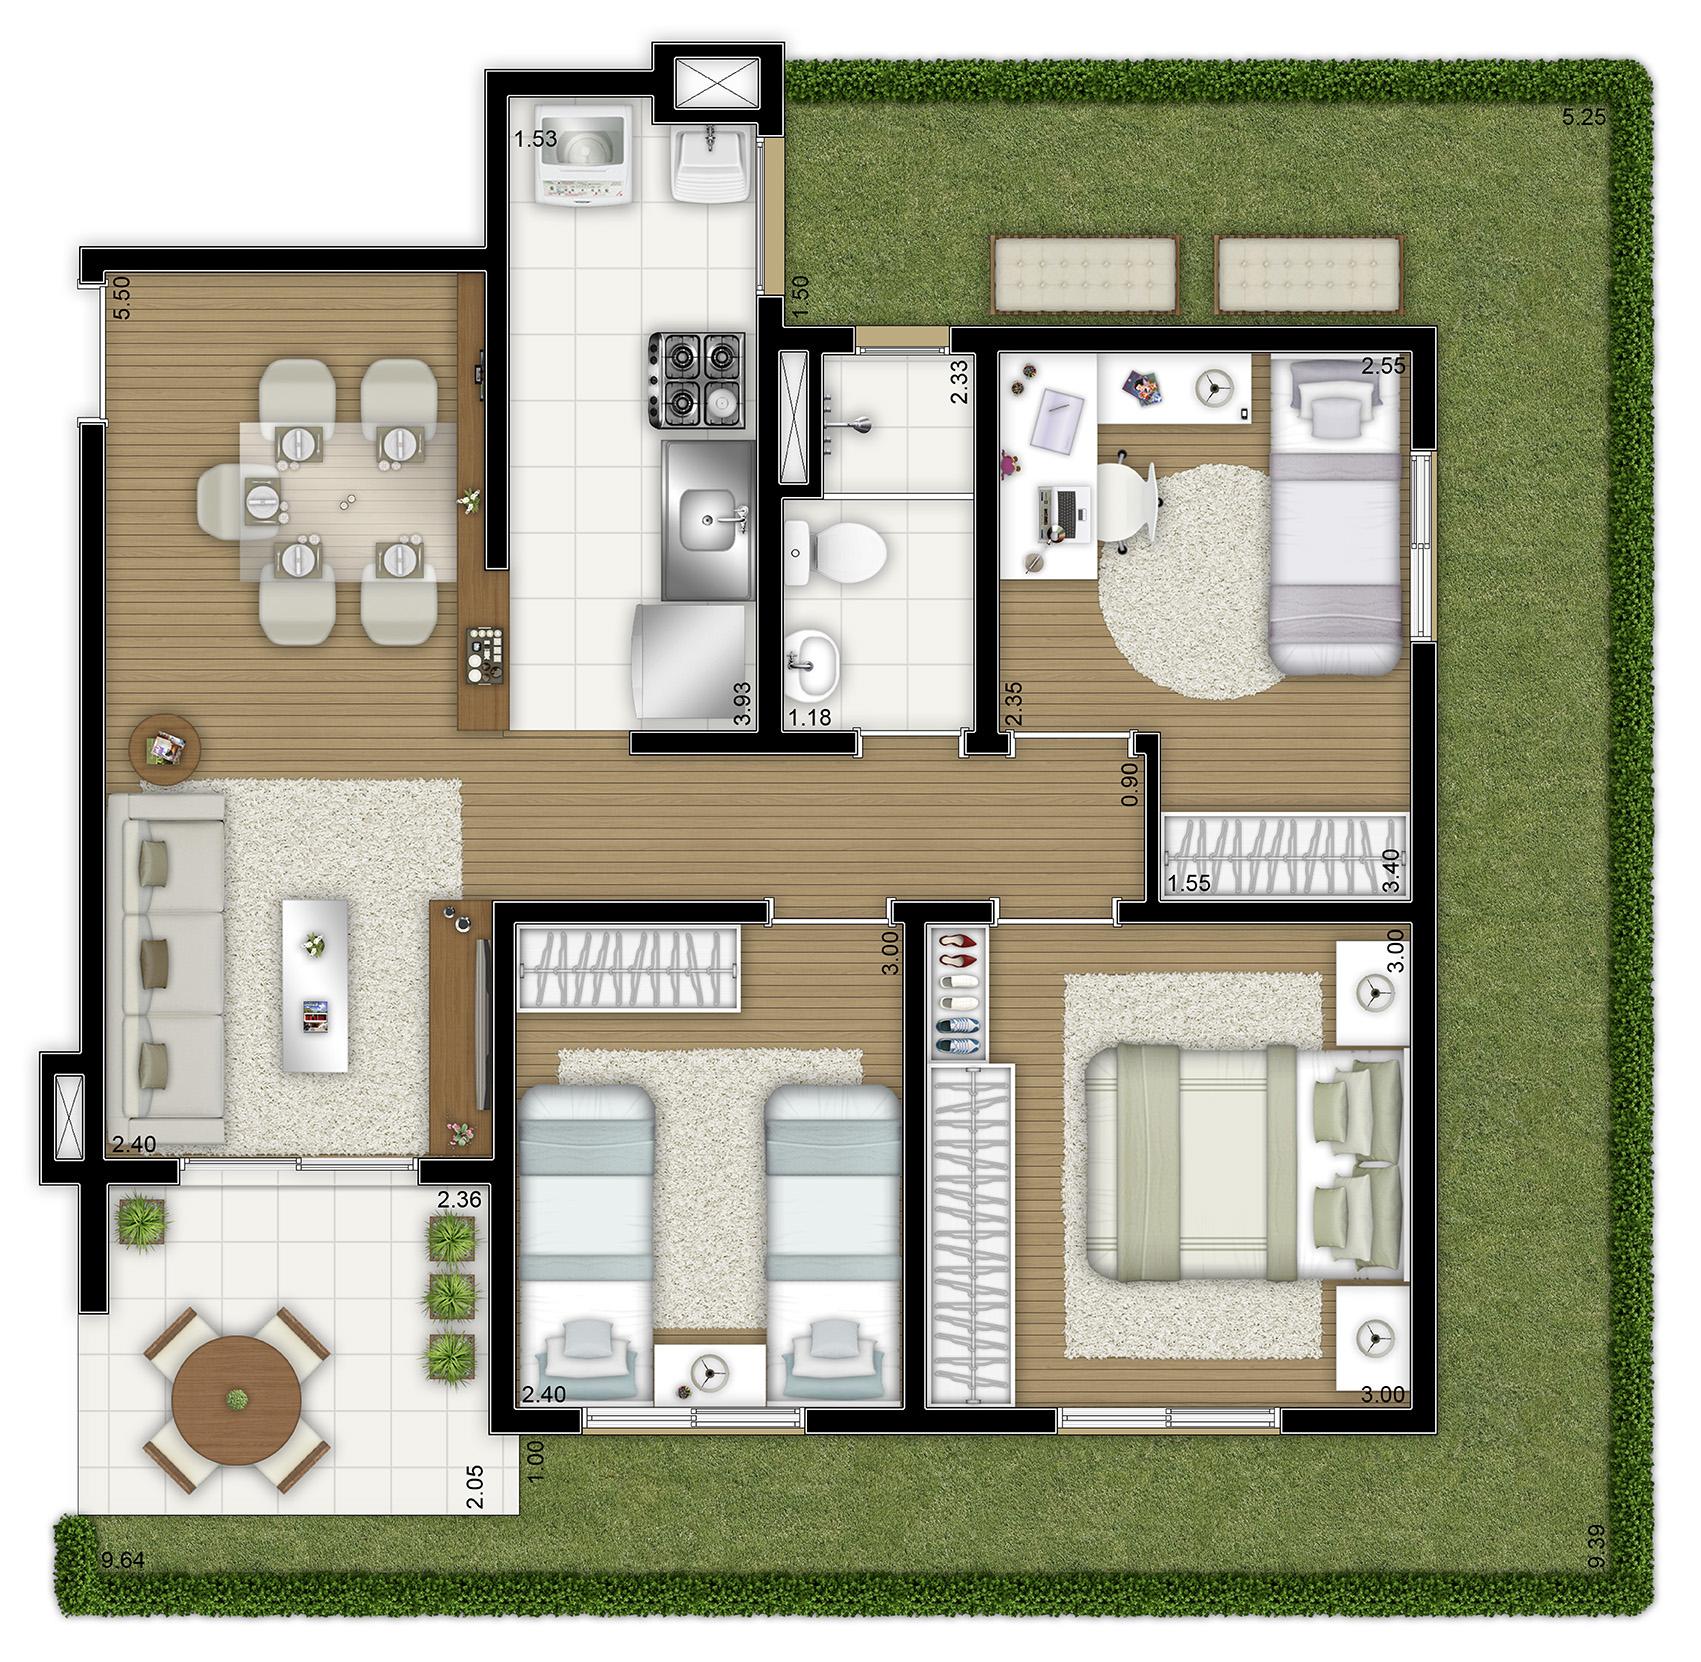 87,30m² - 3 dorms - Garden